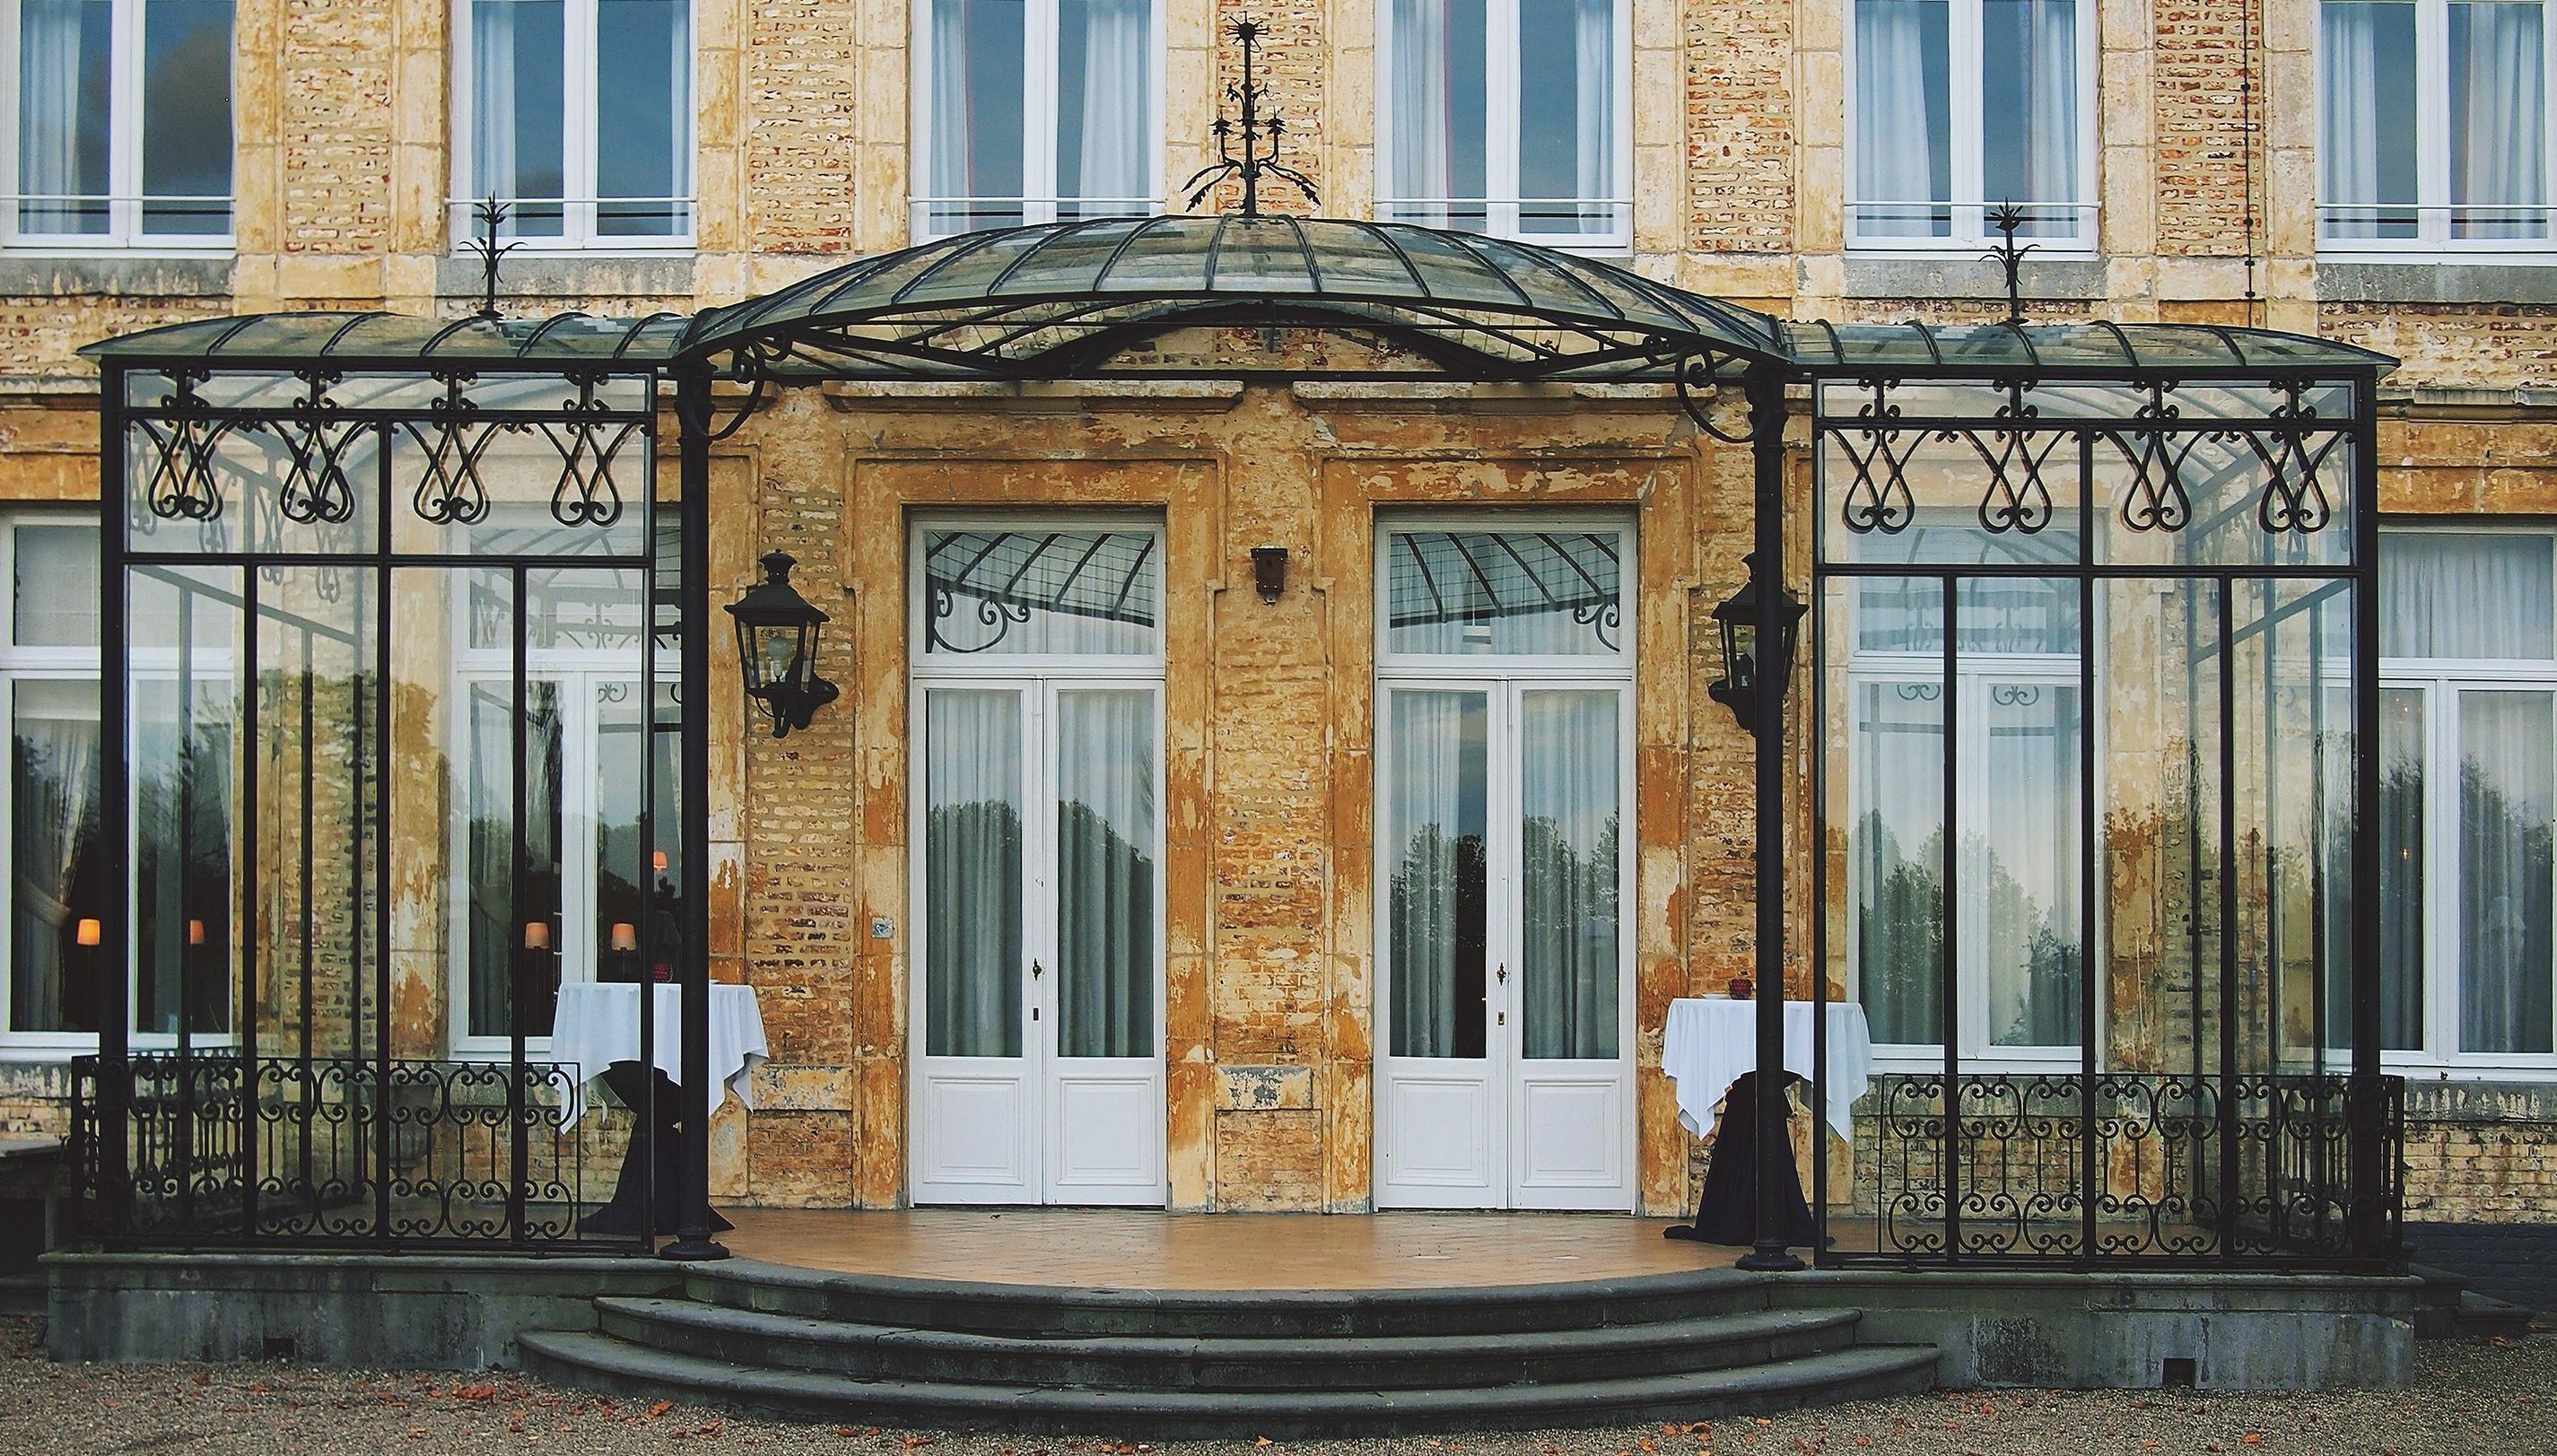 Fassade glas haus  Kostenlose Bild: Außen, städtisch, glas, architektur, fenster ...